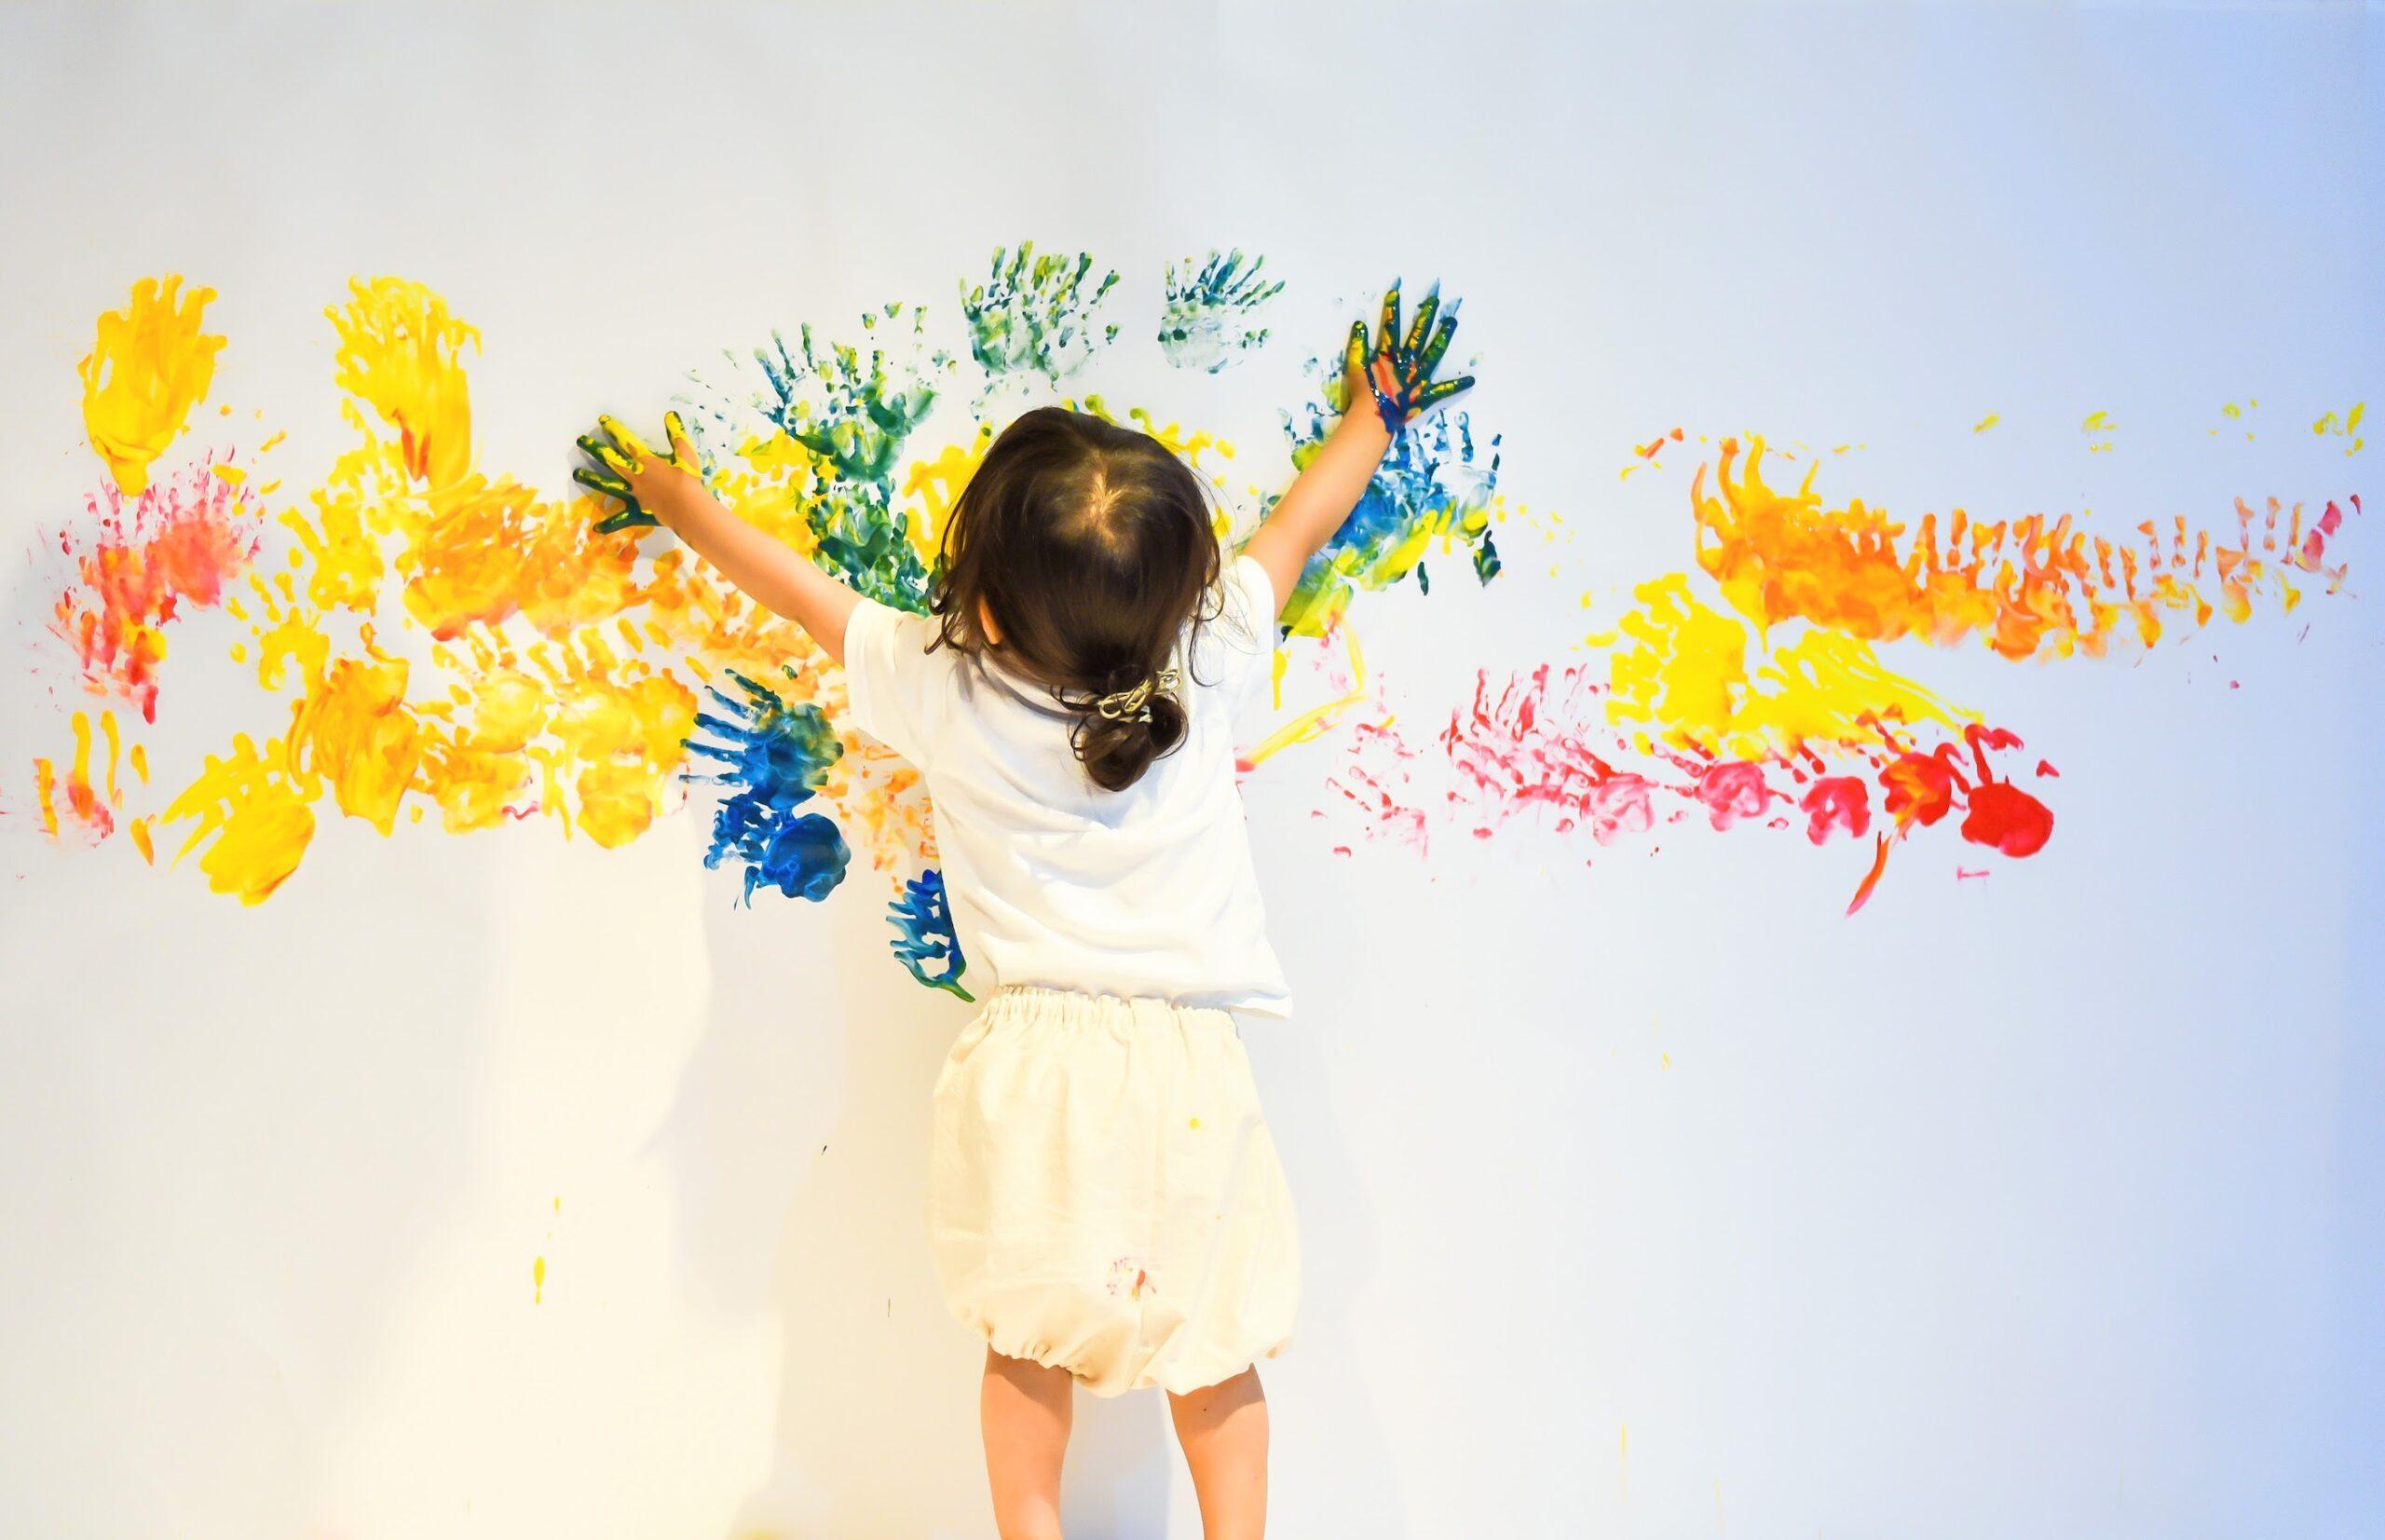 絵の具あそび。壁にハンドペイント。